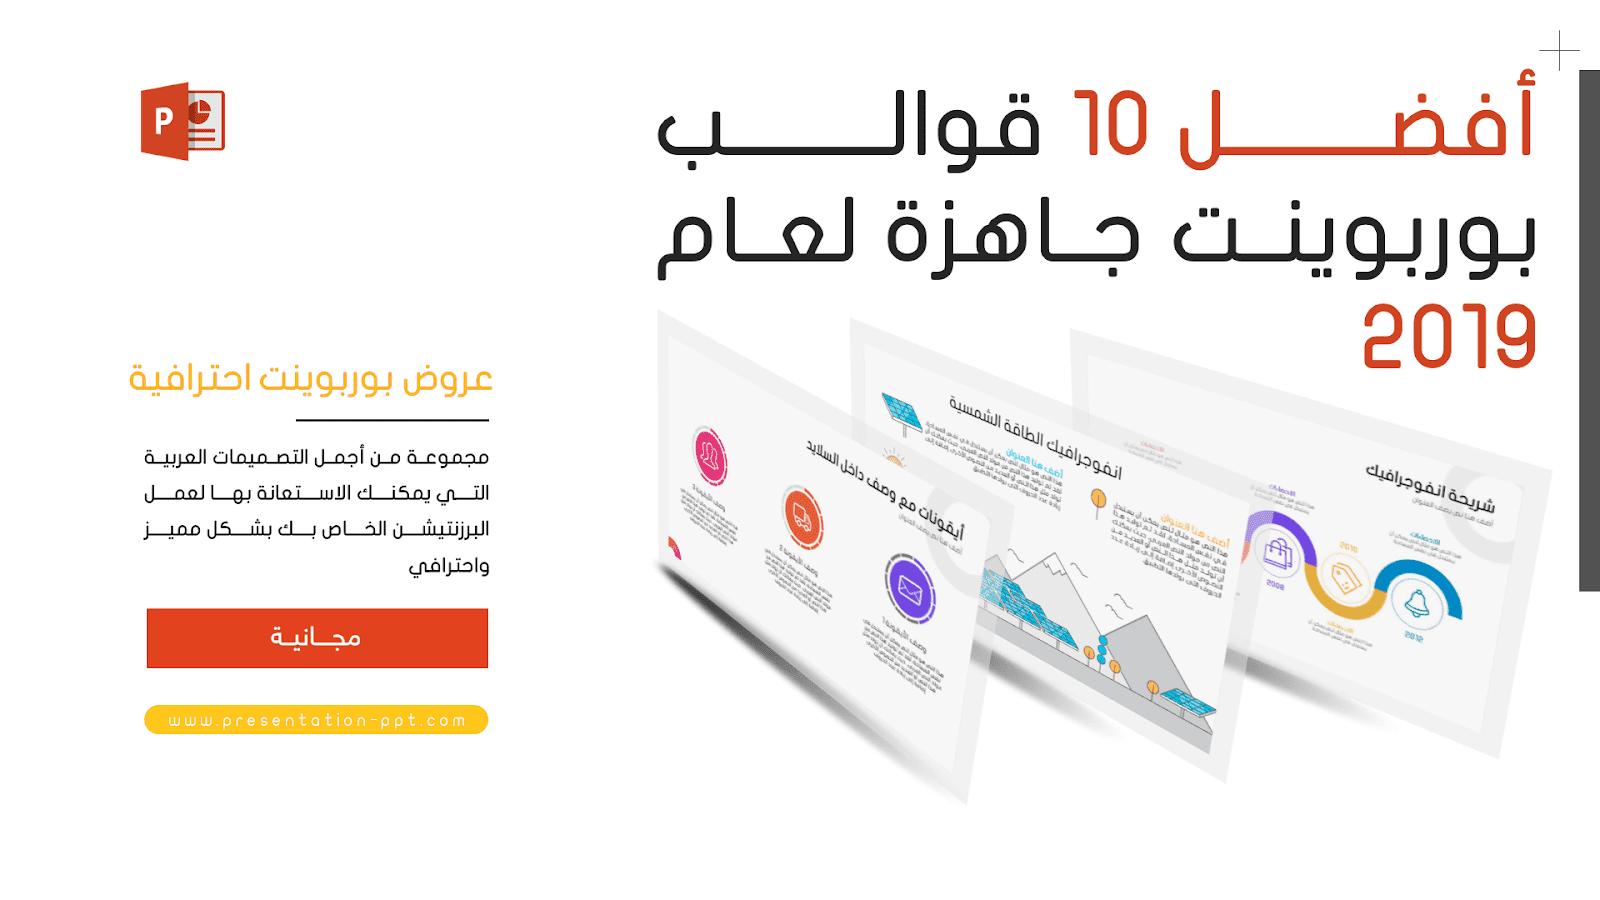 أفضل 10 عروض بوربوينت جاهزة عربية 2019